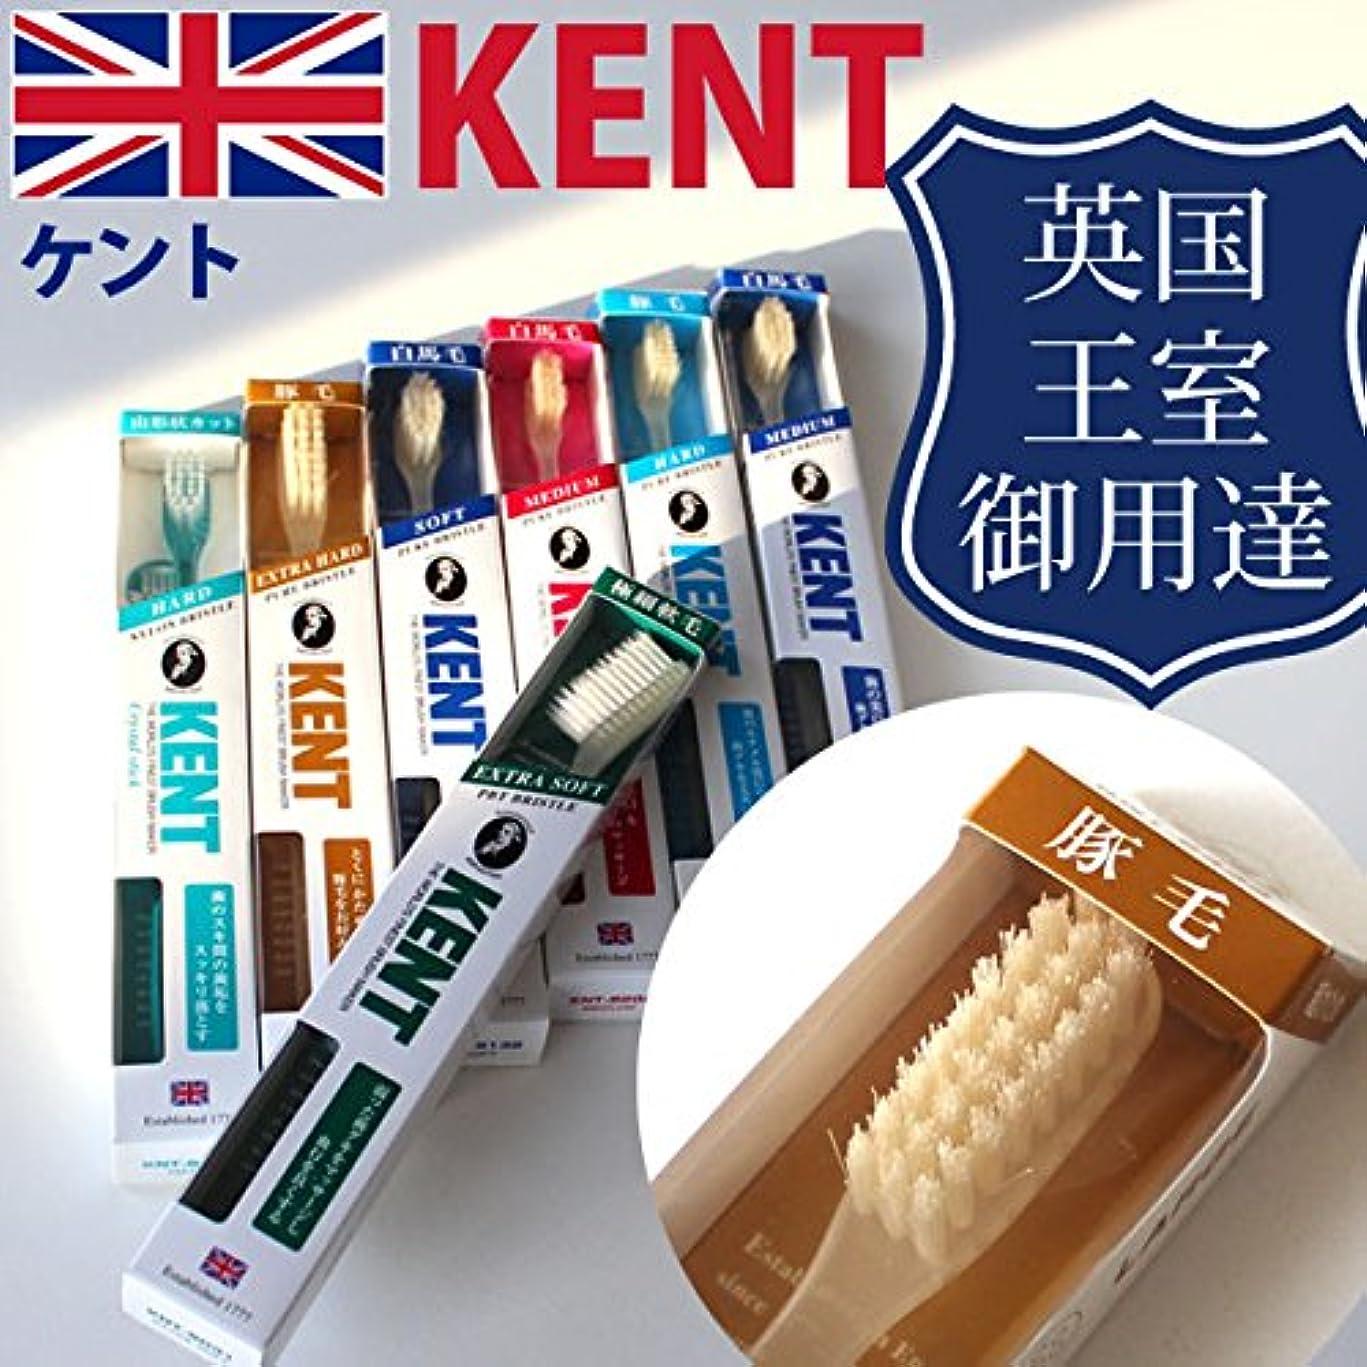 アッパー補助努力するケント KENT 豚毛 コンパクト 歯ブラシKNT-9233/9833単品108 ふつう